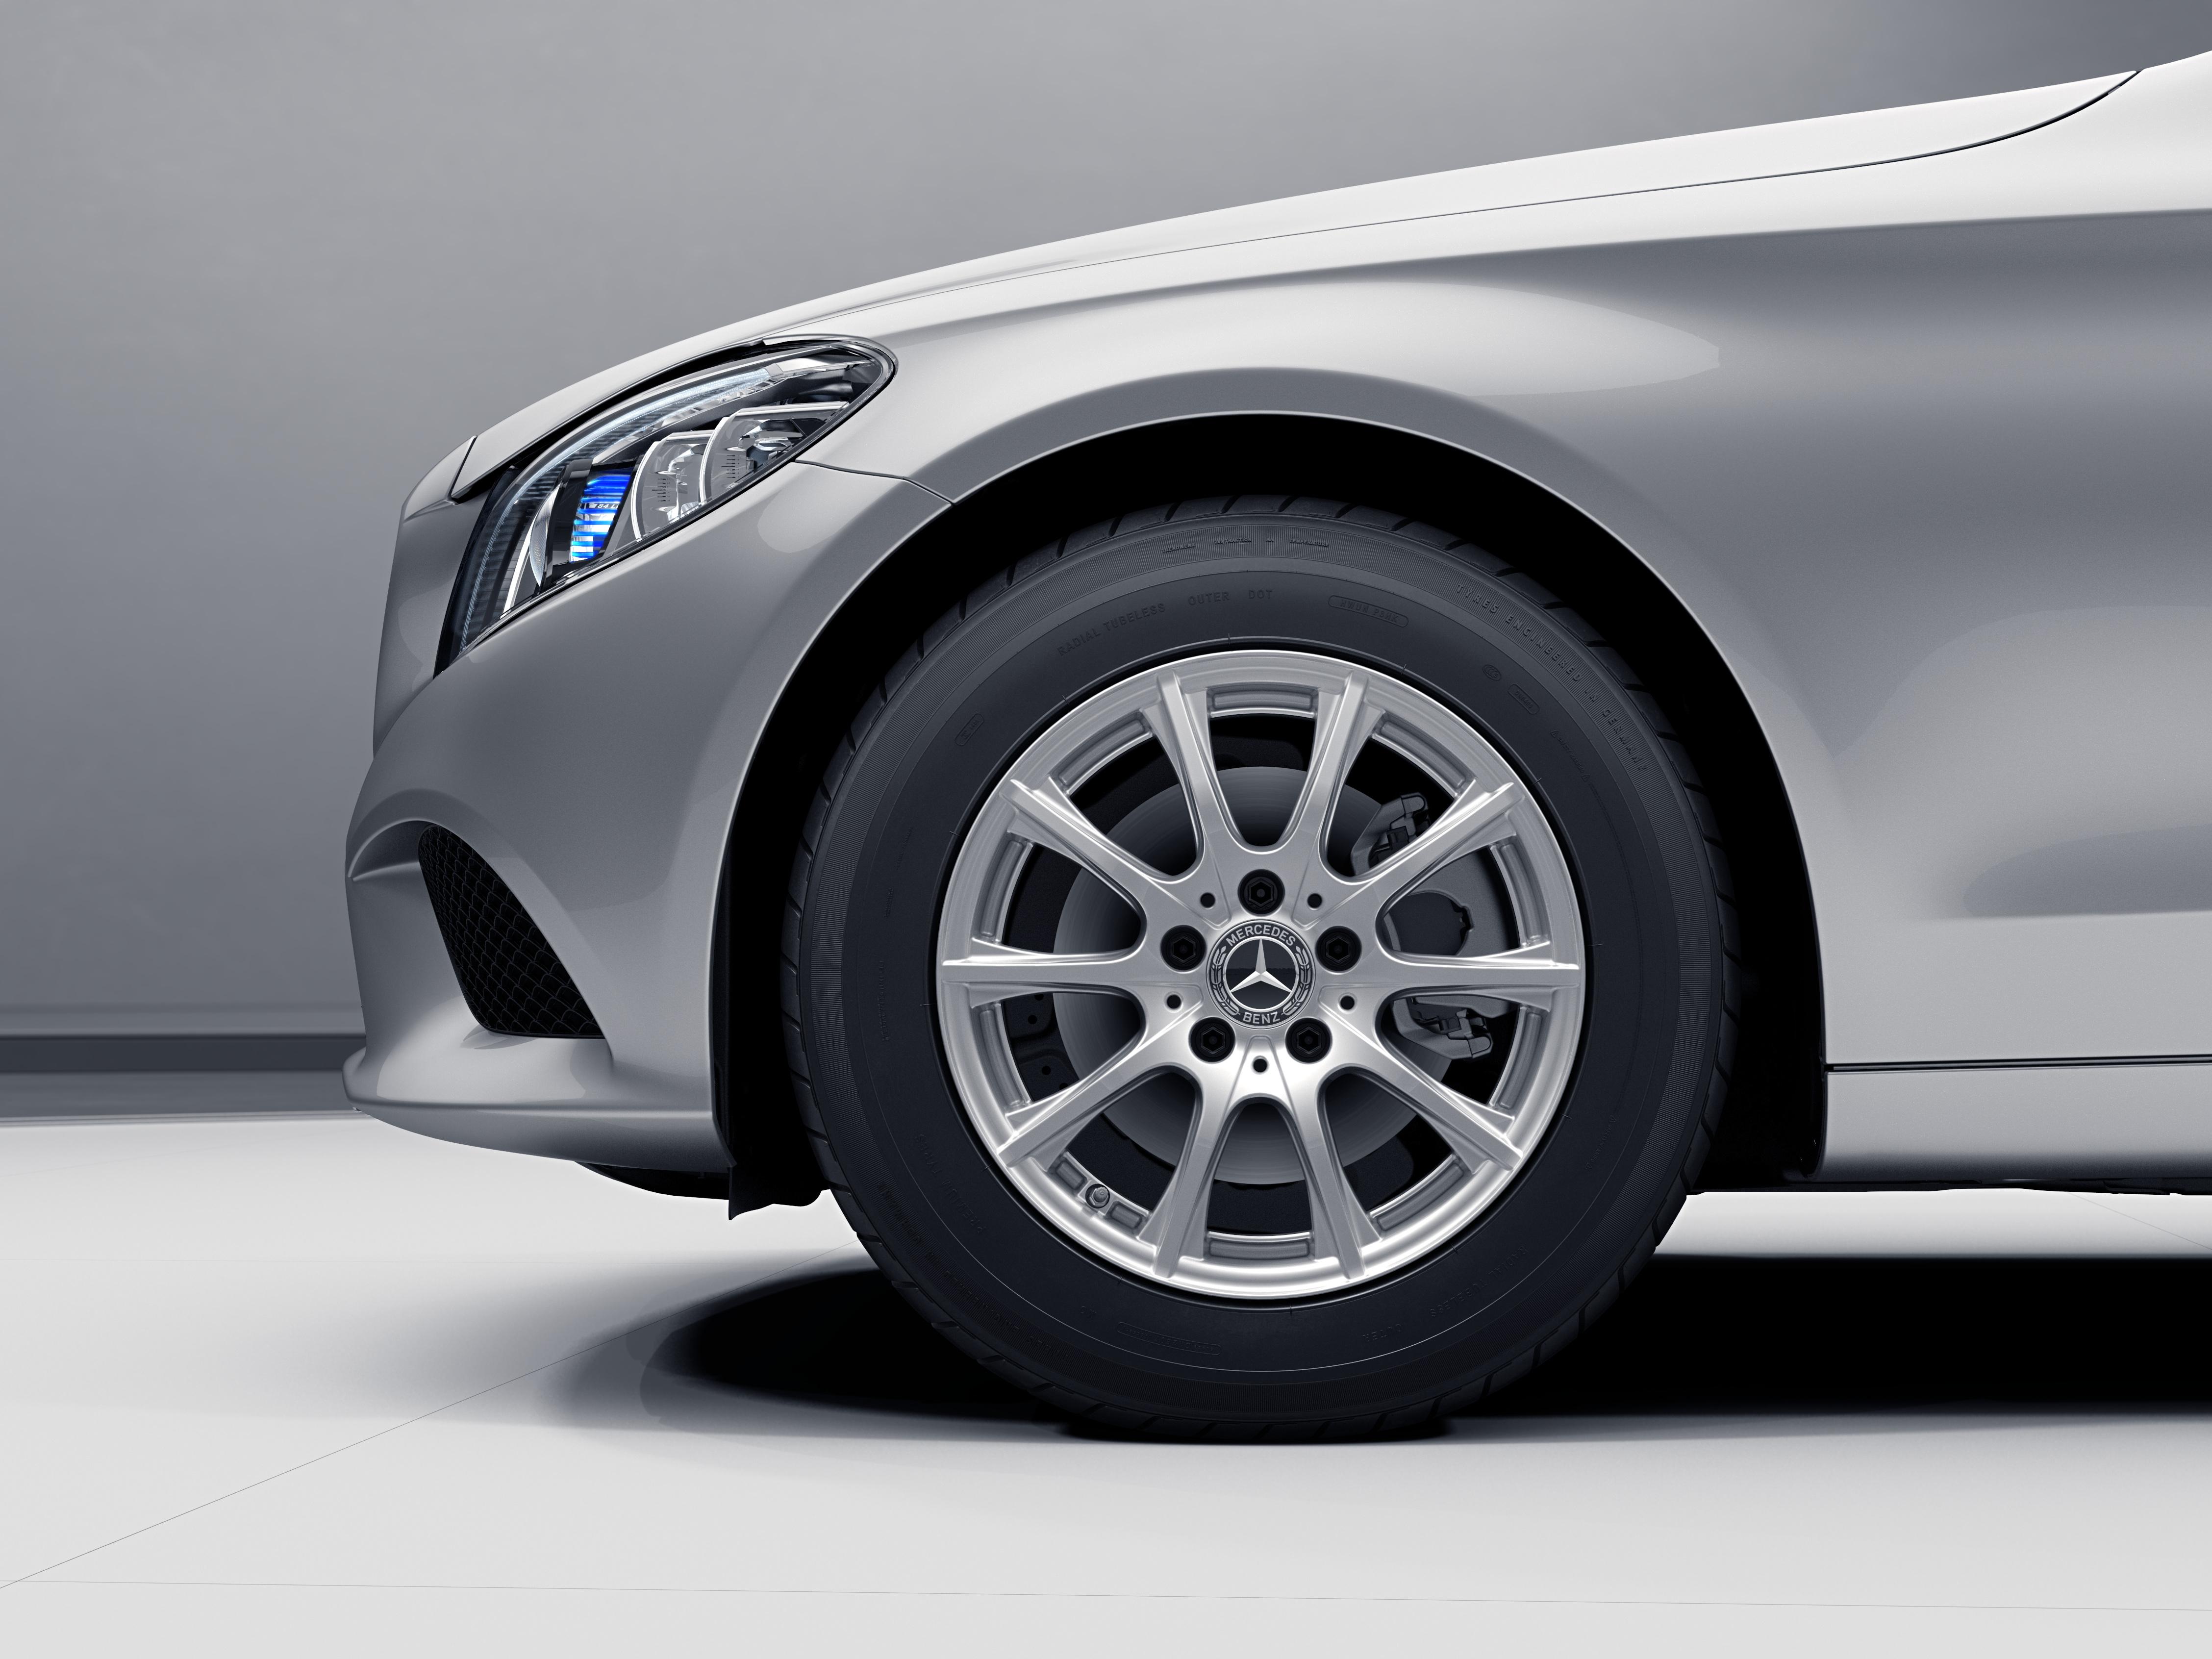 Jantes de la Mercedes-Benz Classe C Berline Finition Business